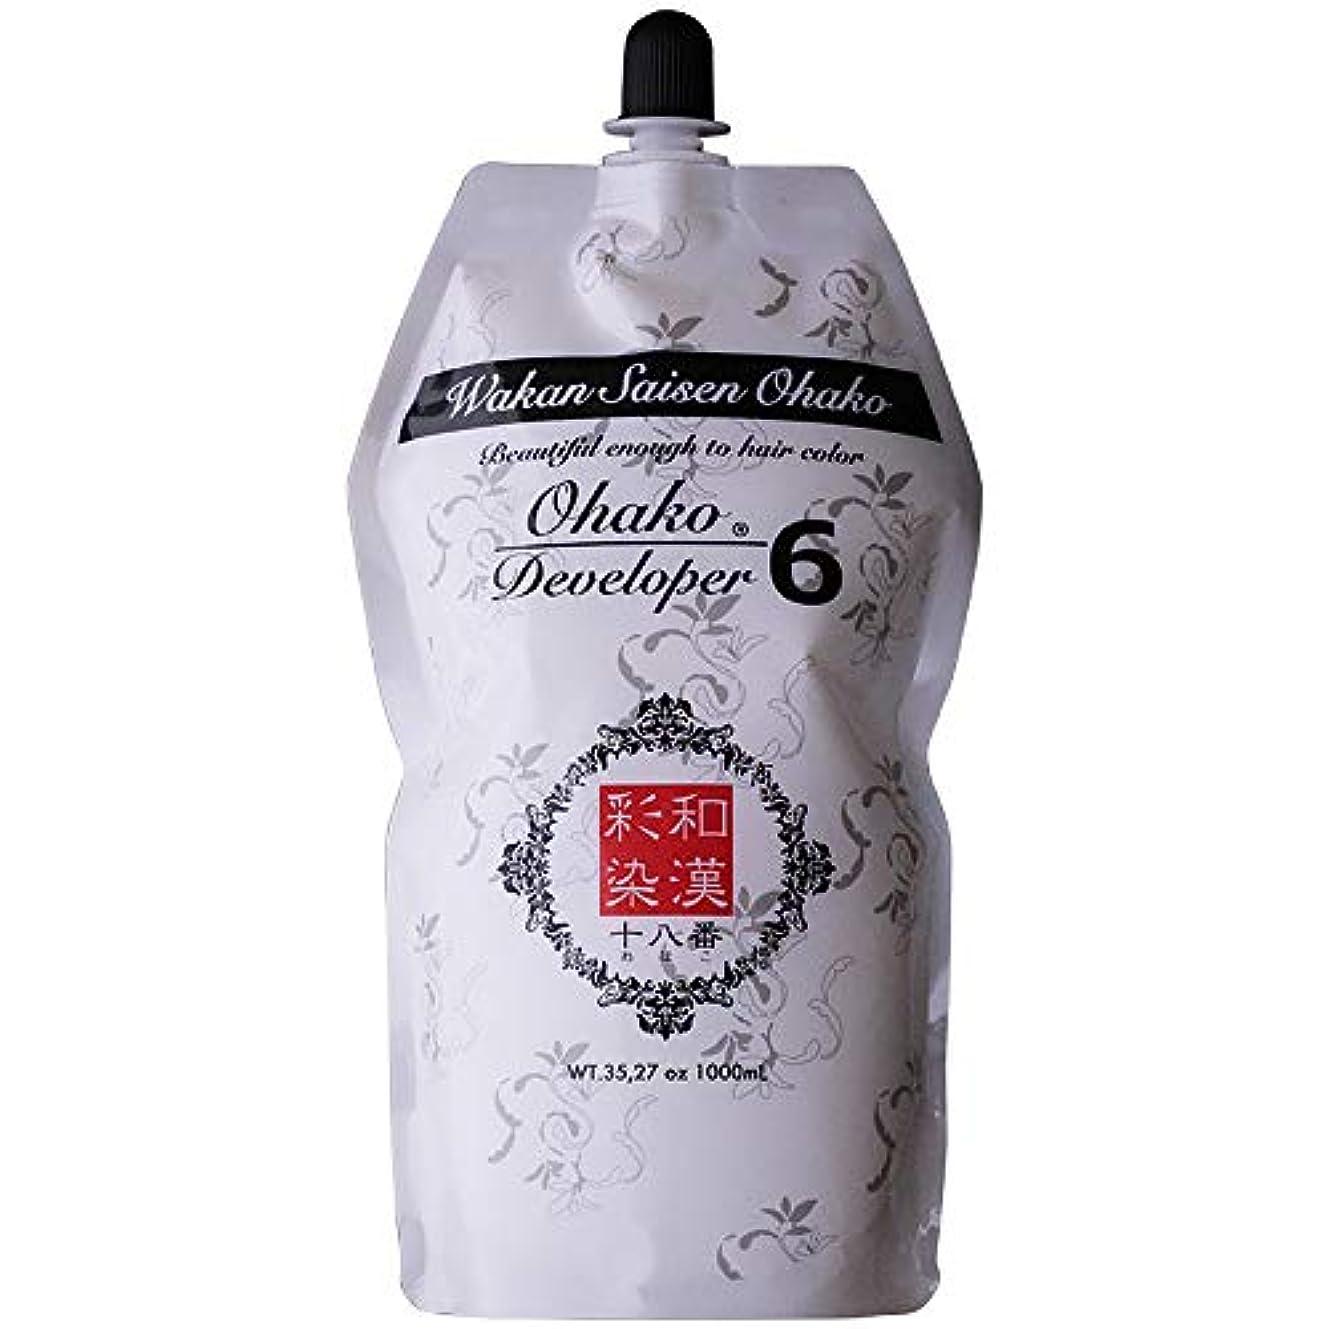 曇ったスティック戦闘日本グランデックス 和漢彩染 十八番 デベロッパー 1000g(業務用) 全2種 6%